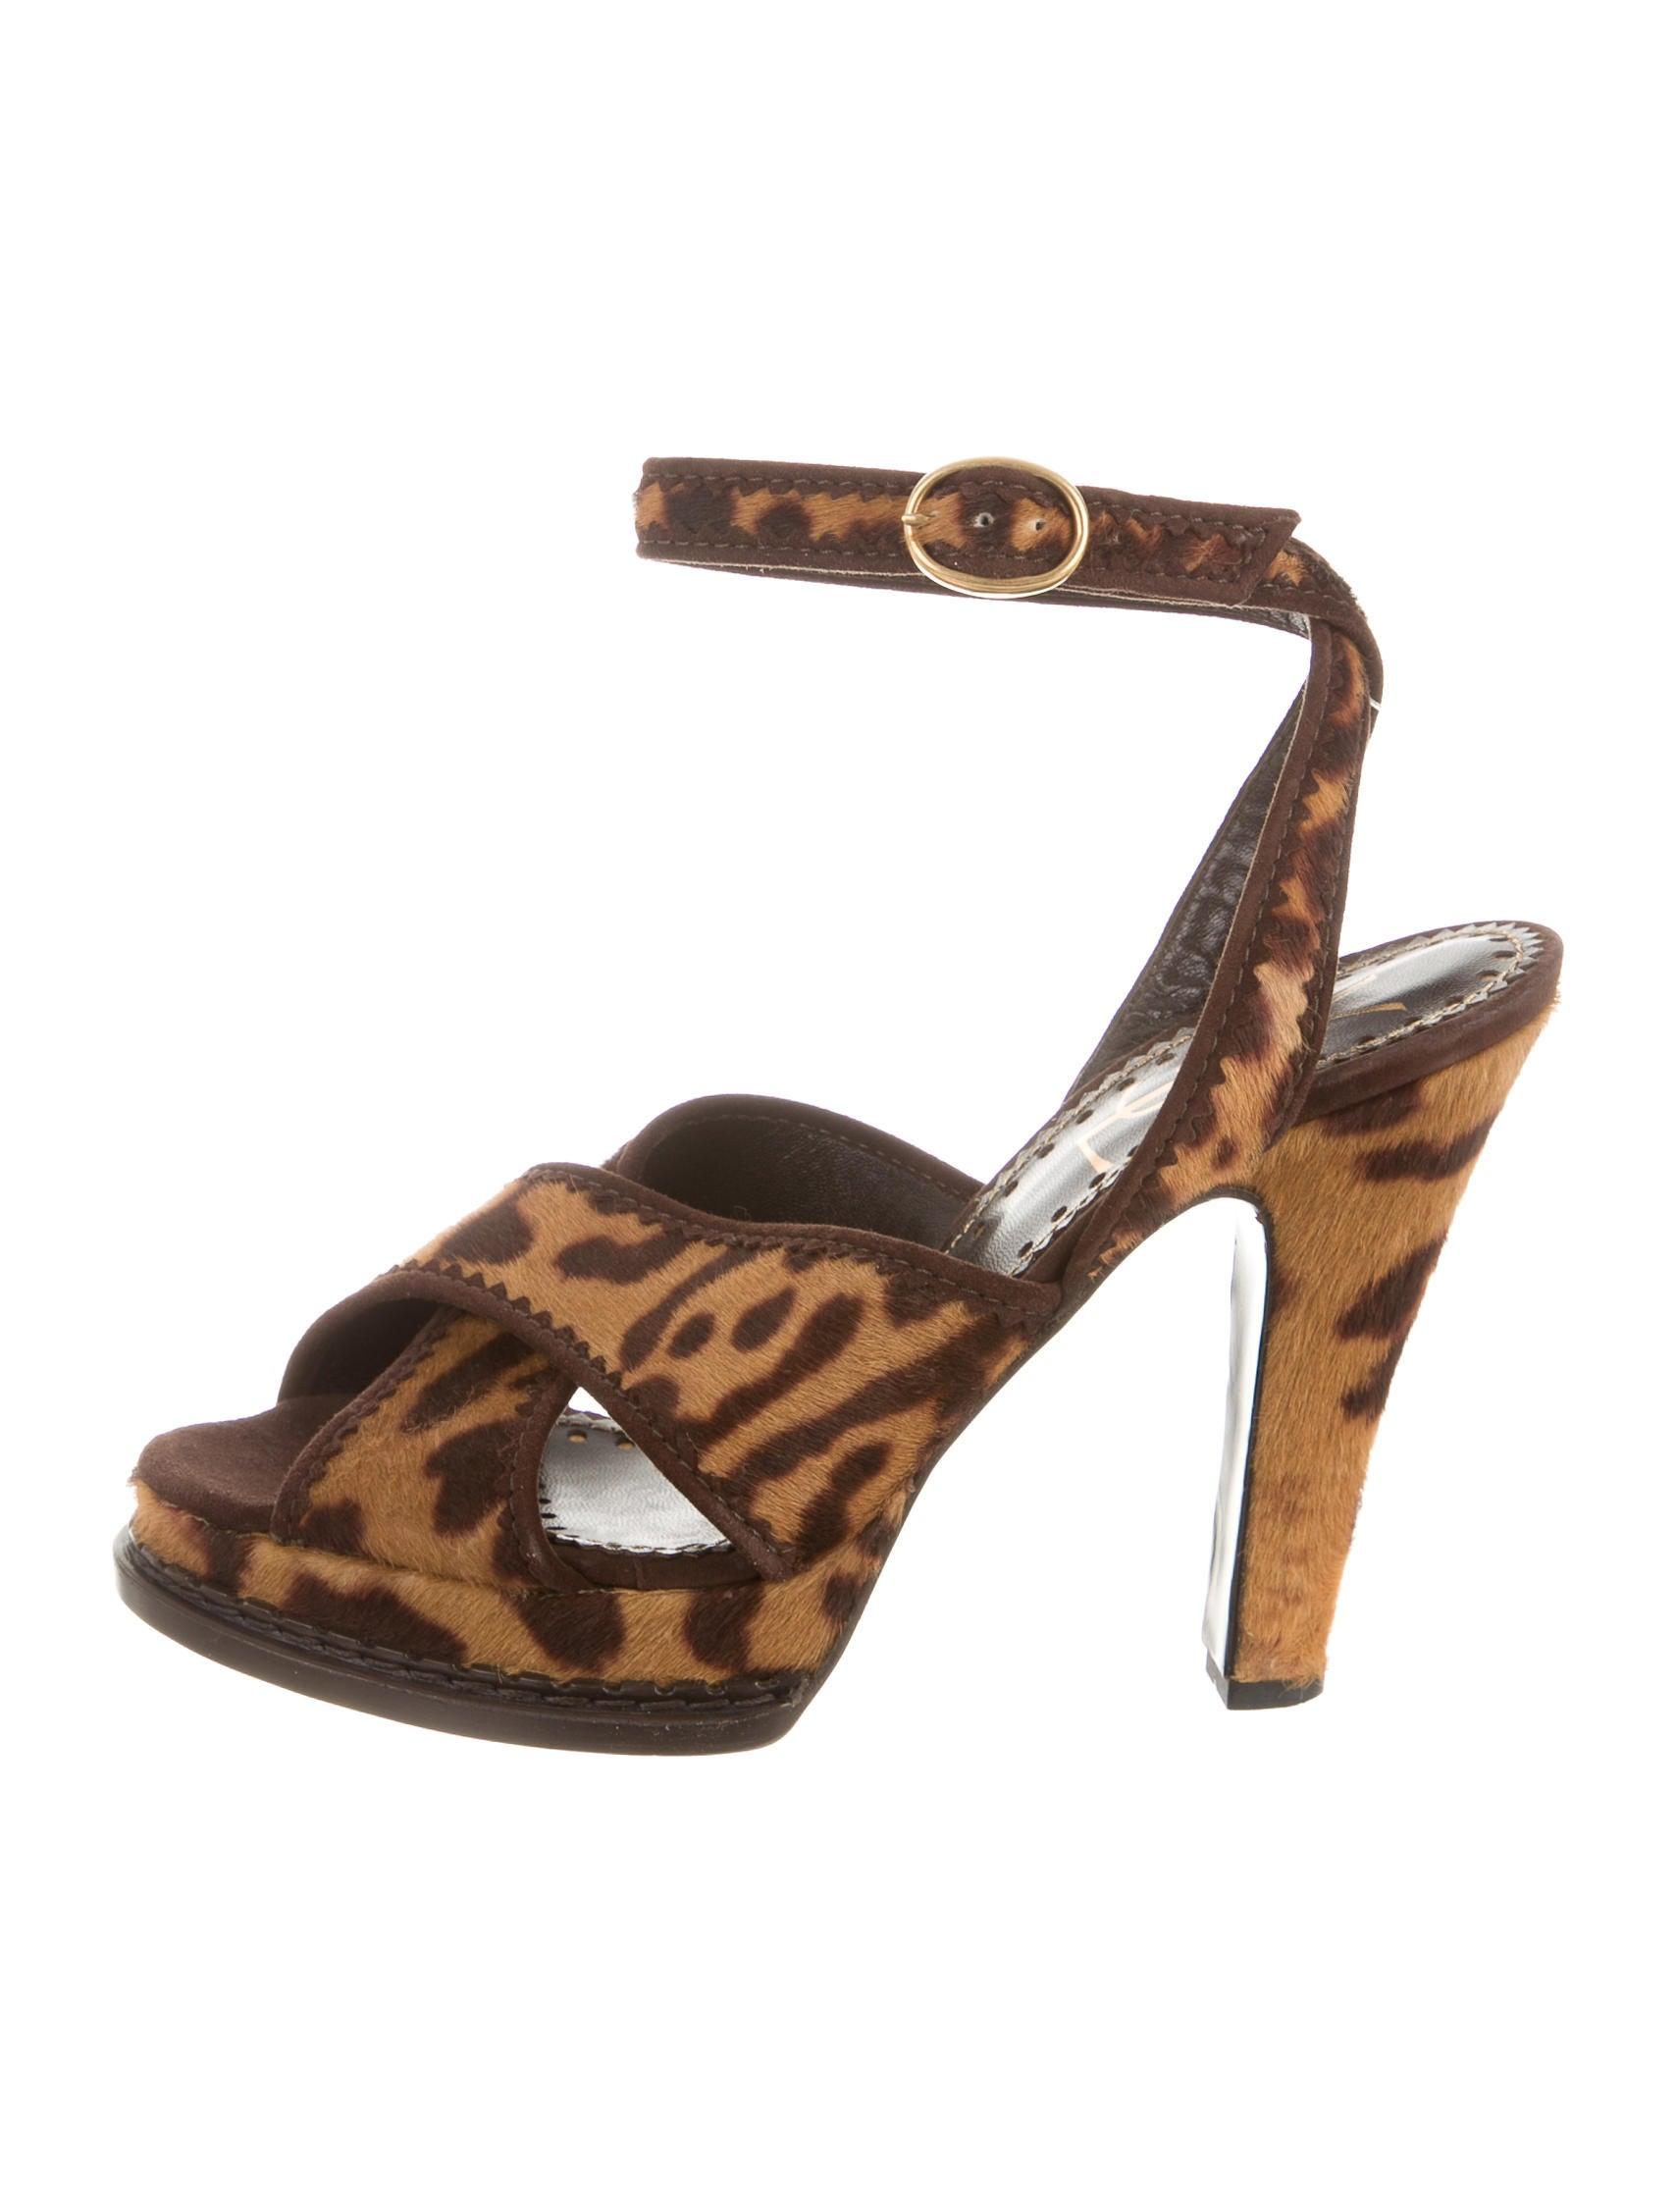 Yves Saint Laurent Ponyhair Crossover Sandals sale largest supplier DS0MBCQu